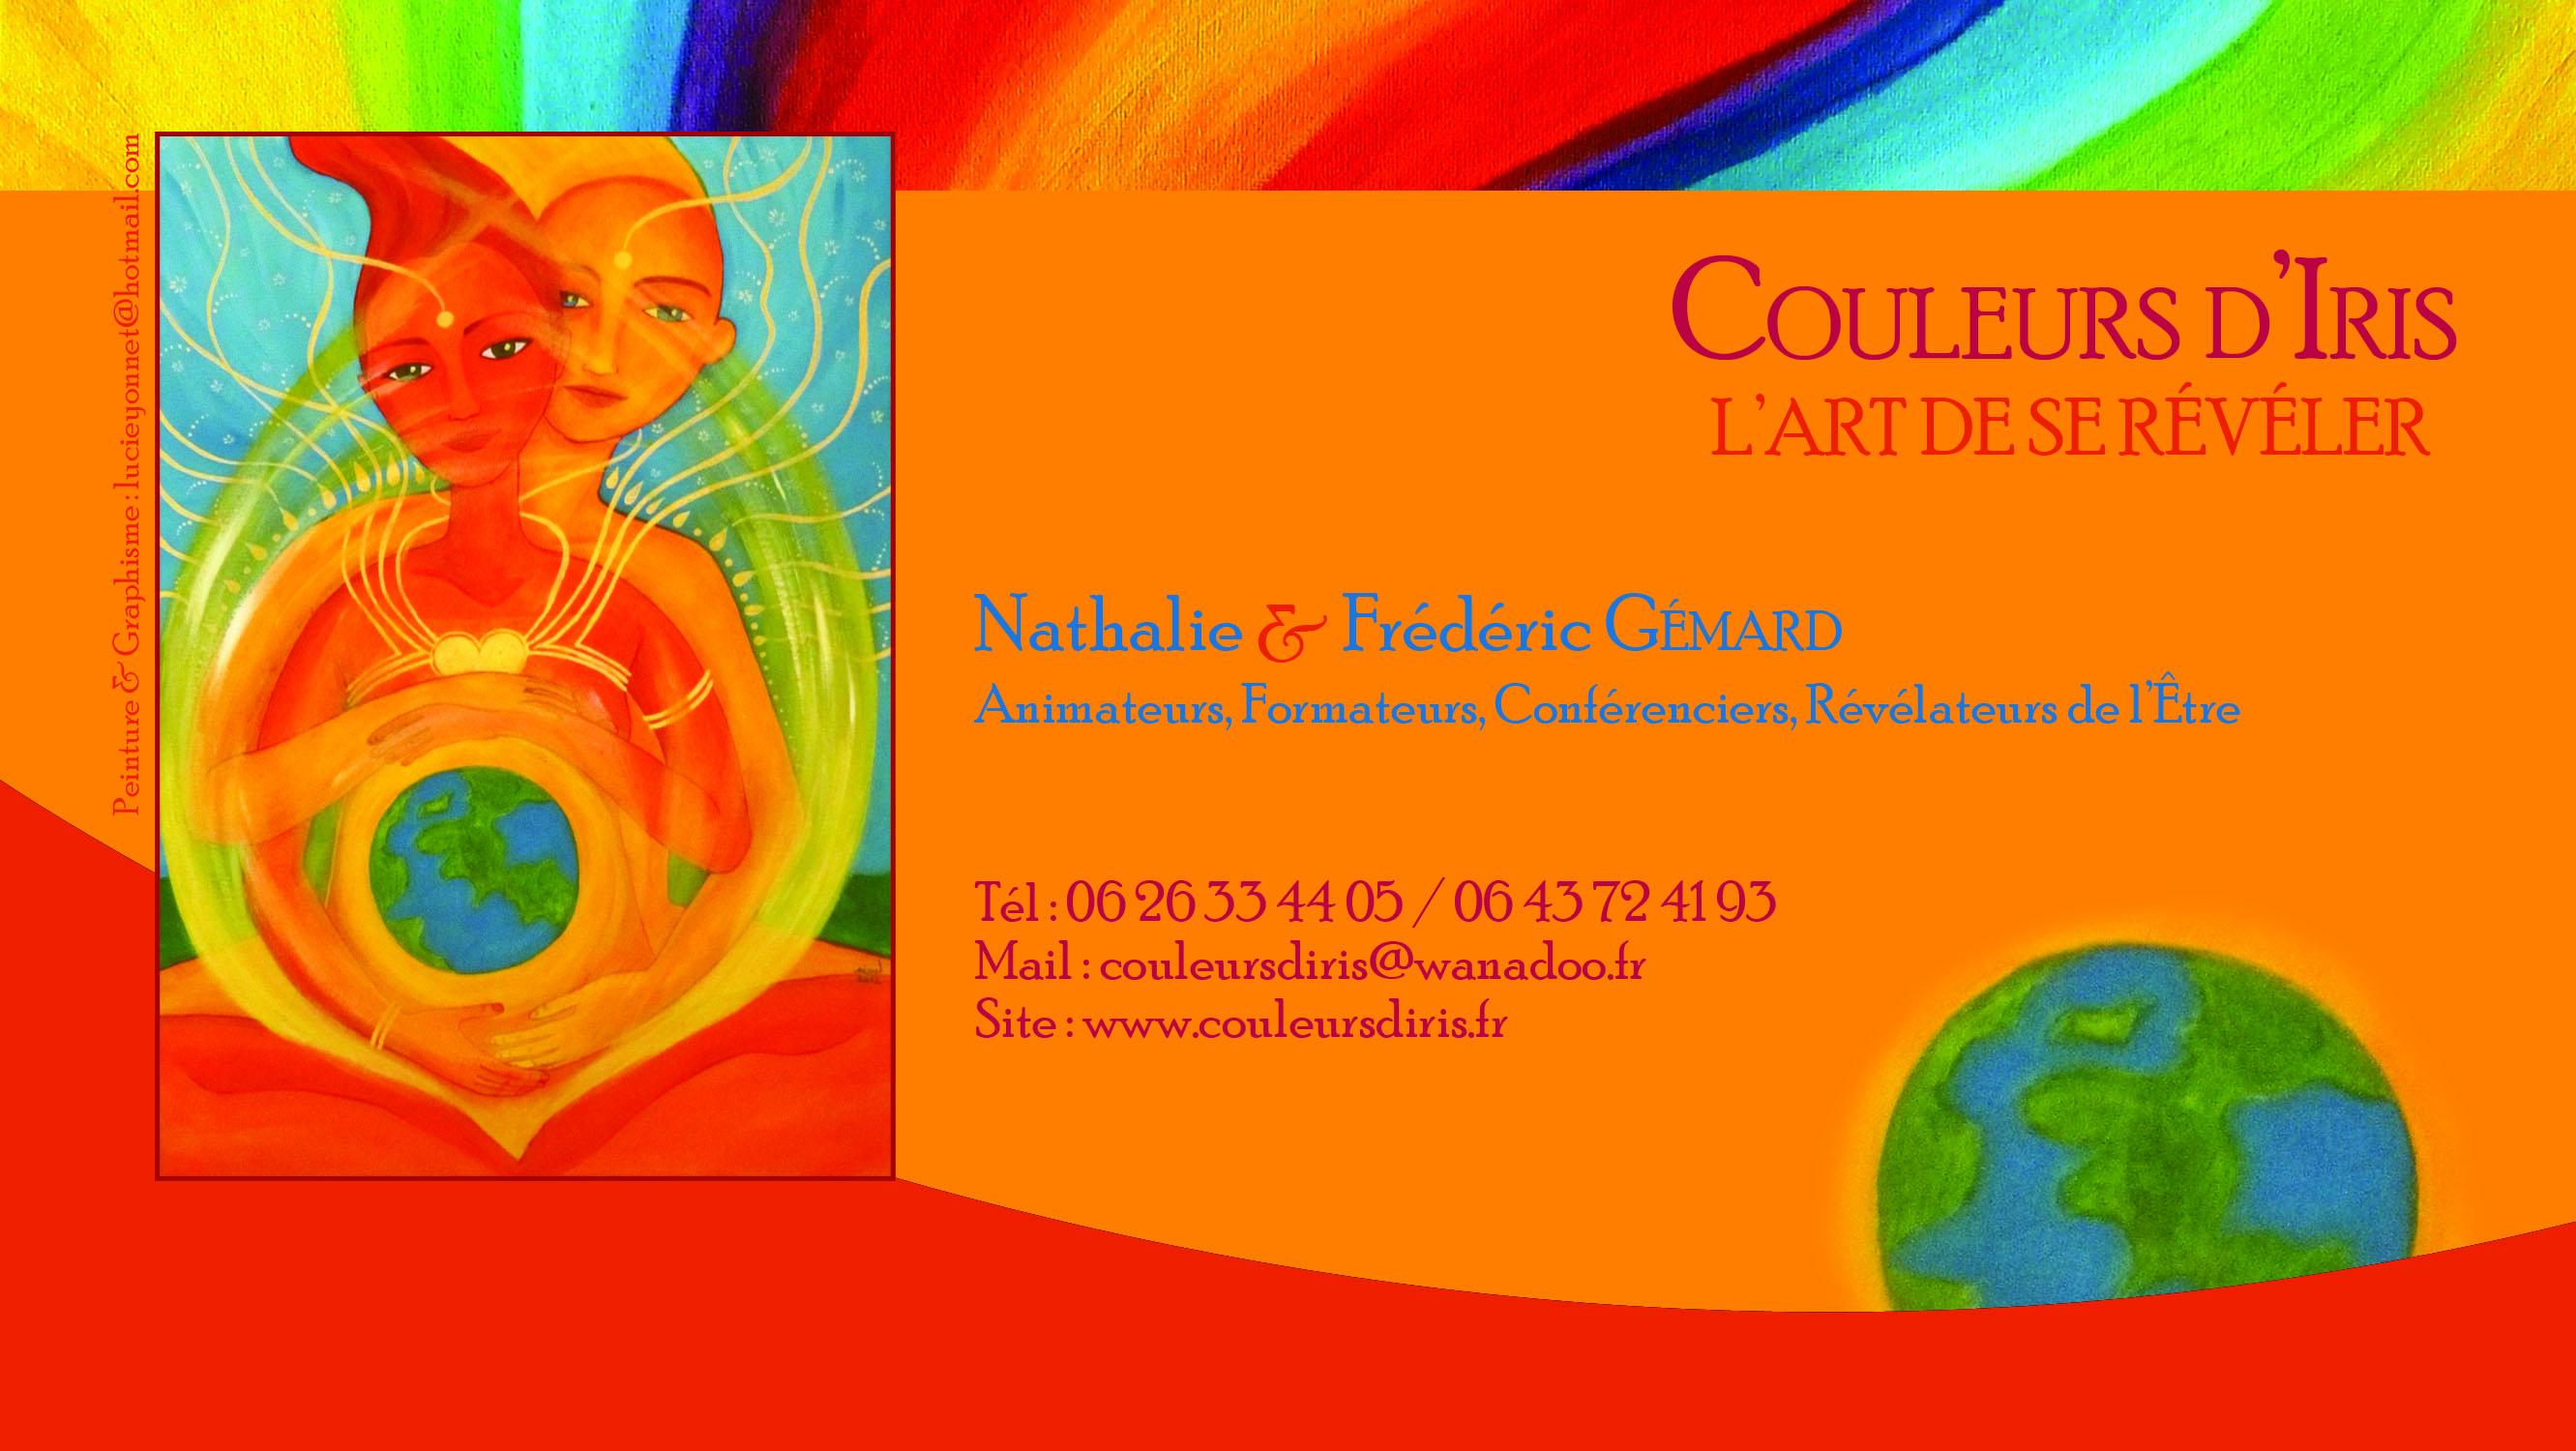 Couleurs Diris Nathalie Frederic Gemard Salon Santé Nature